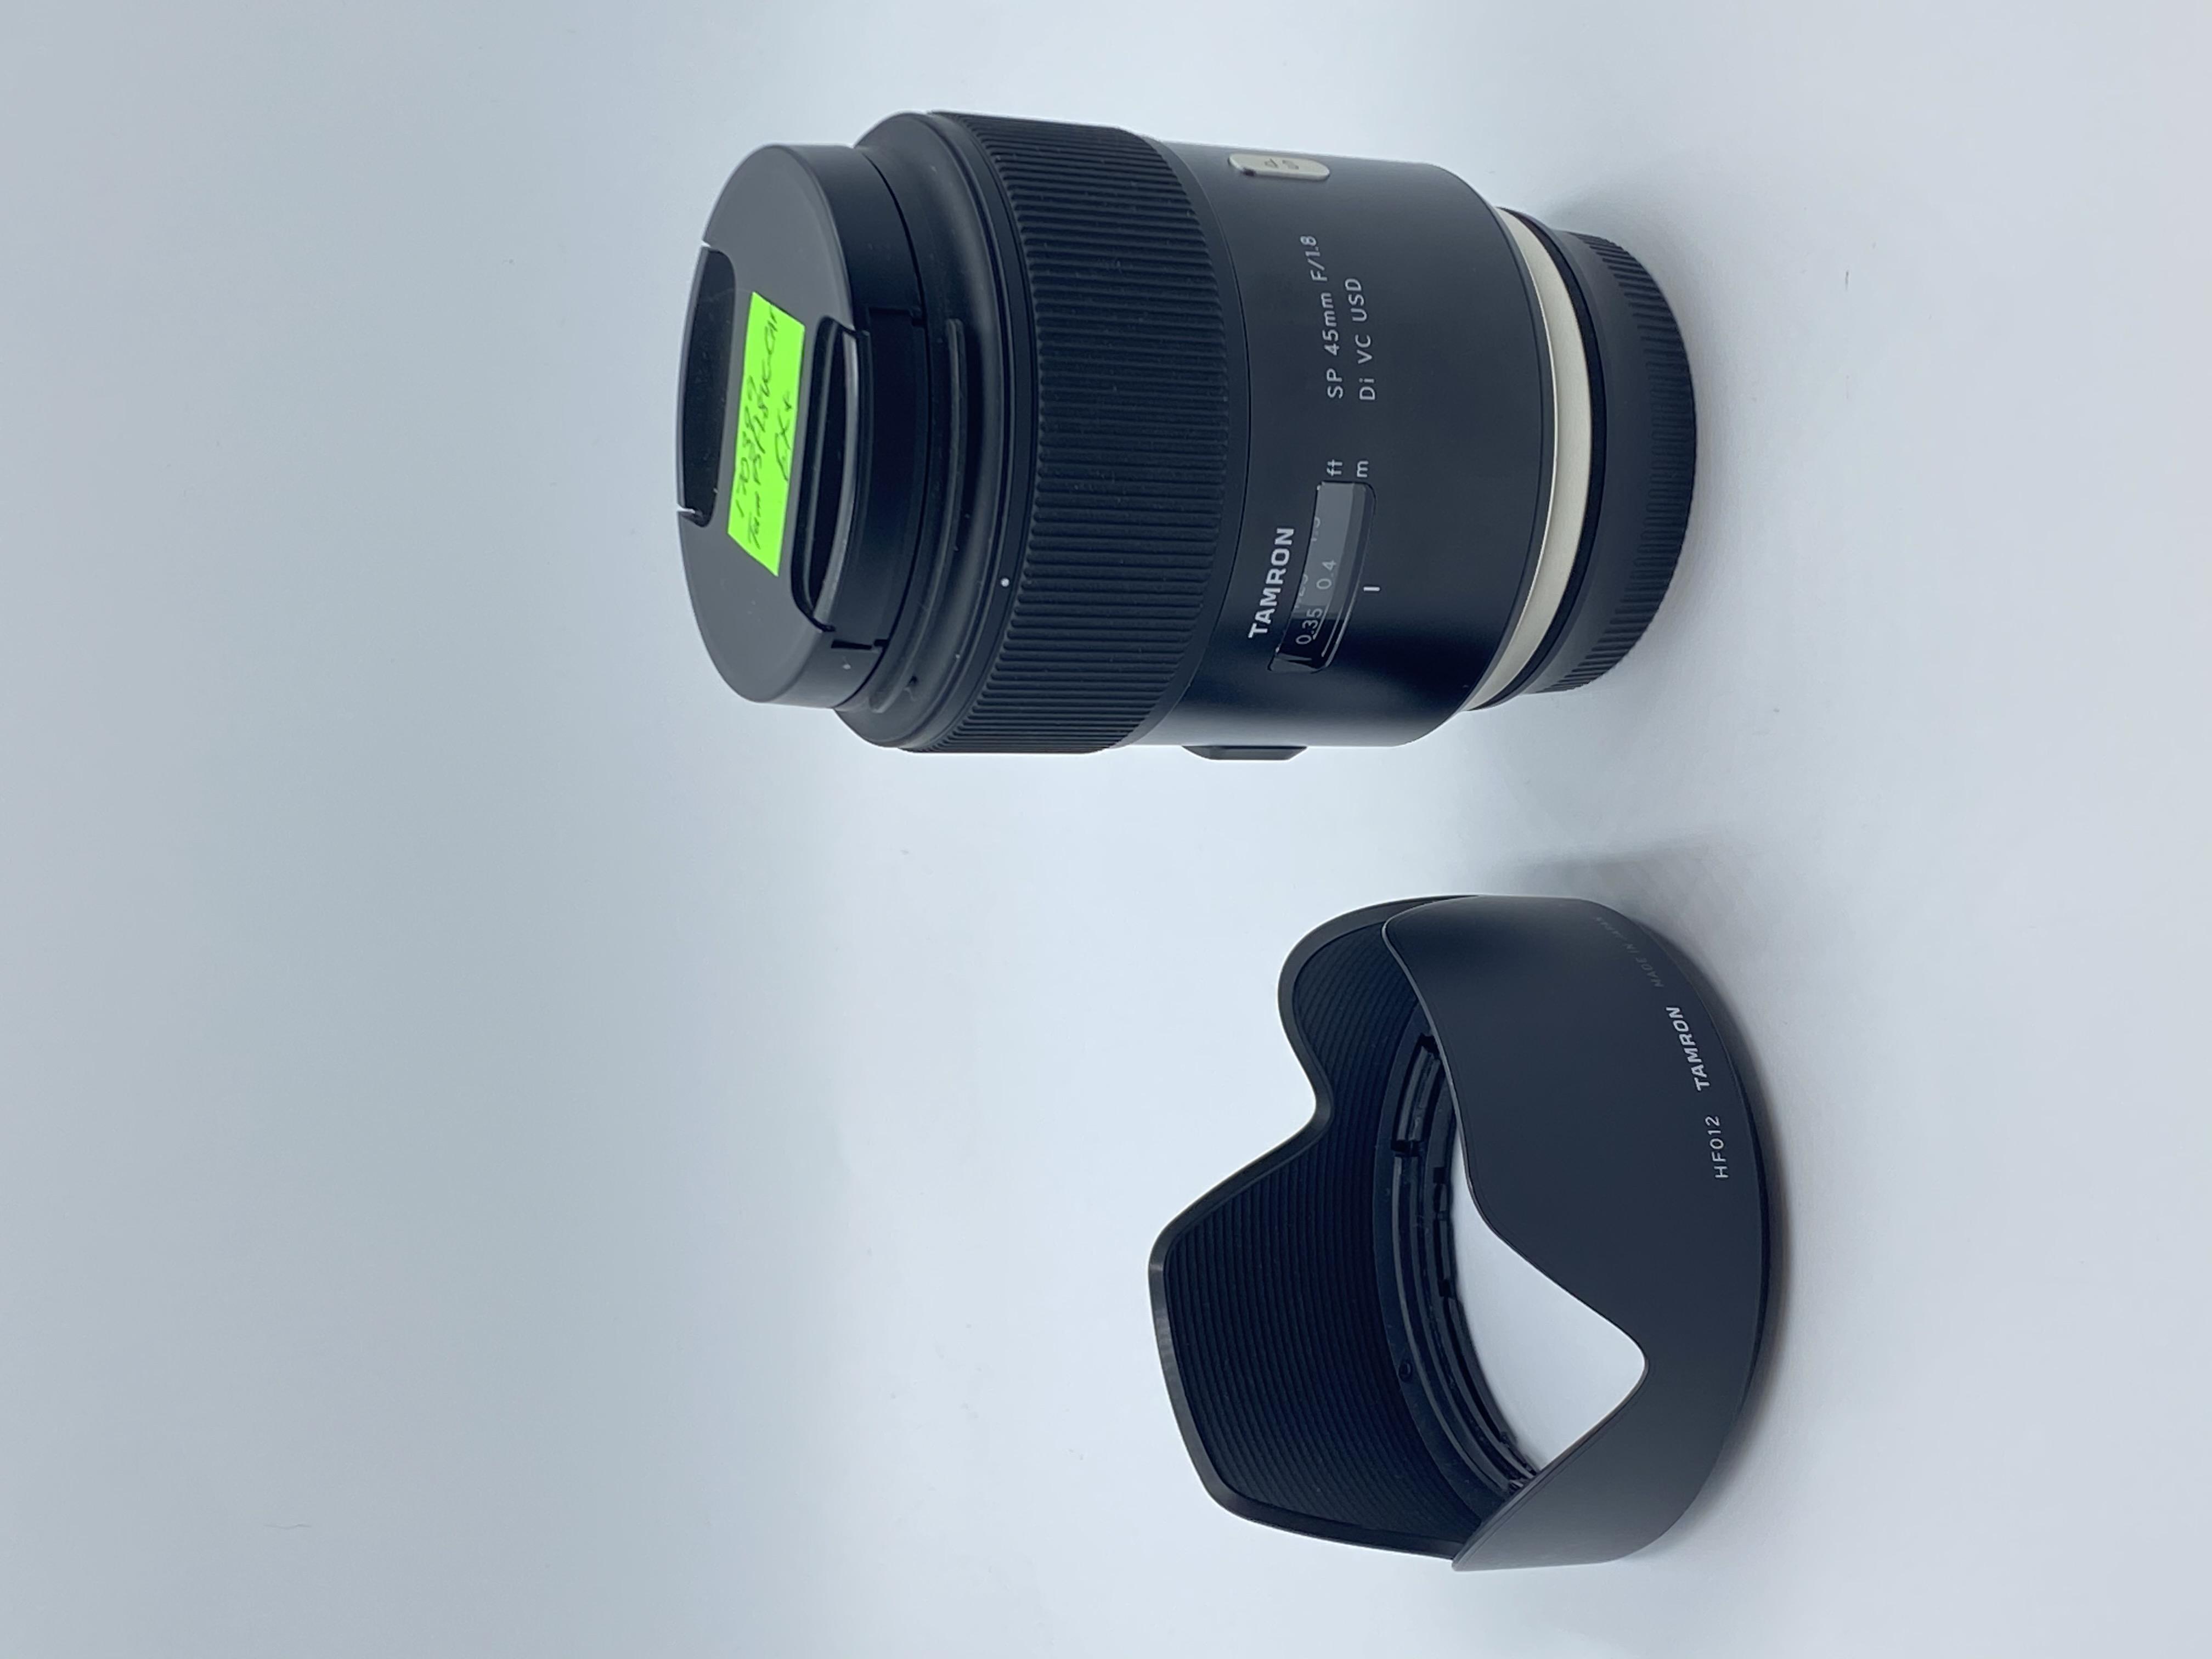 Tamron SP 45mm f/1.8 Di VC USD Lens (Canon)